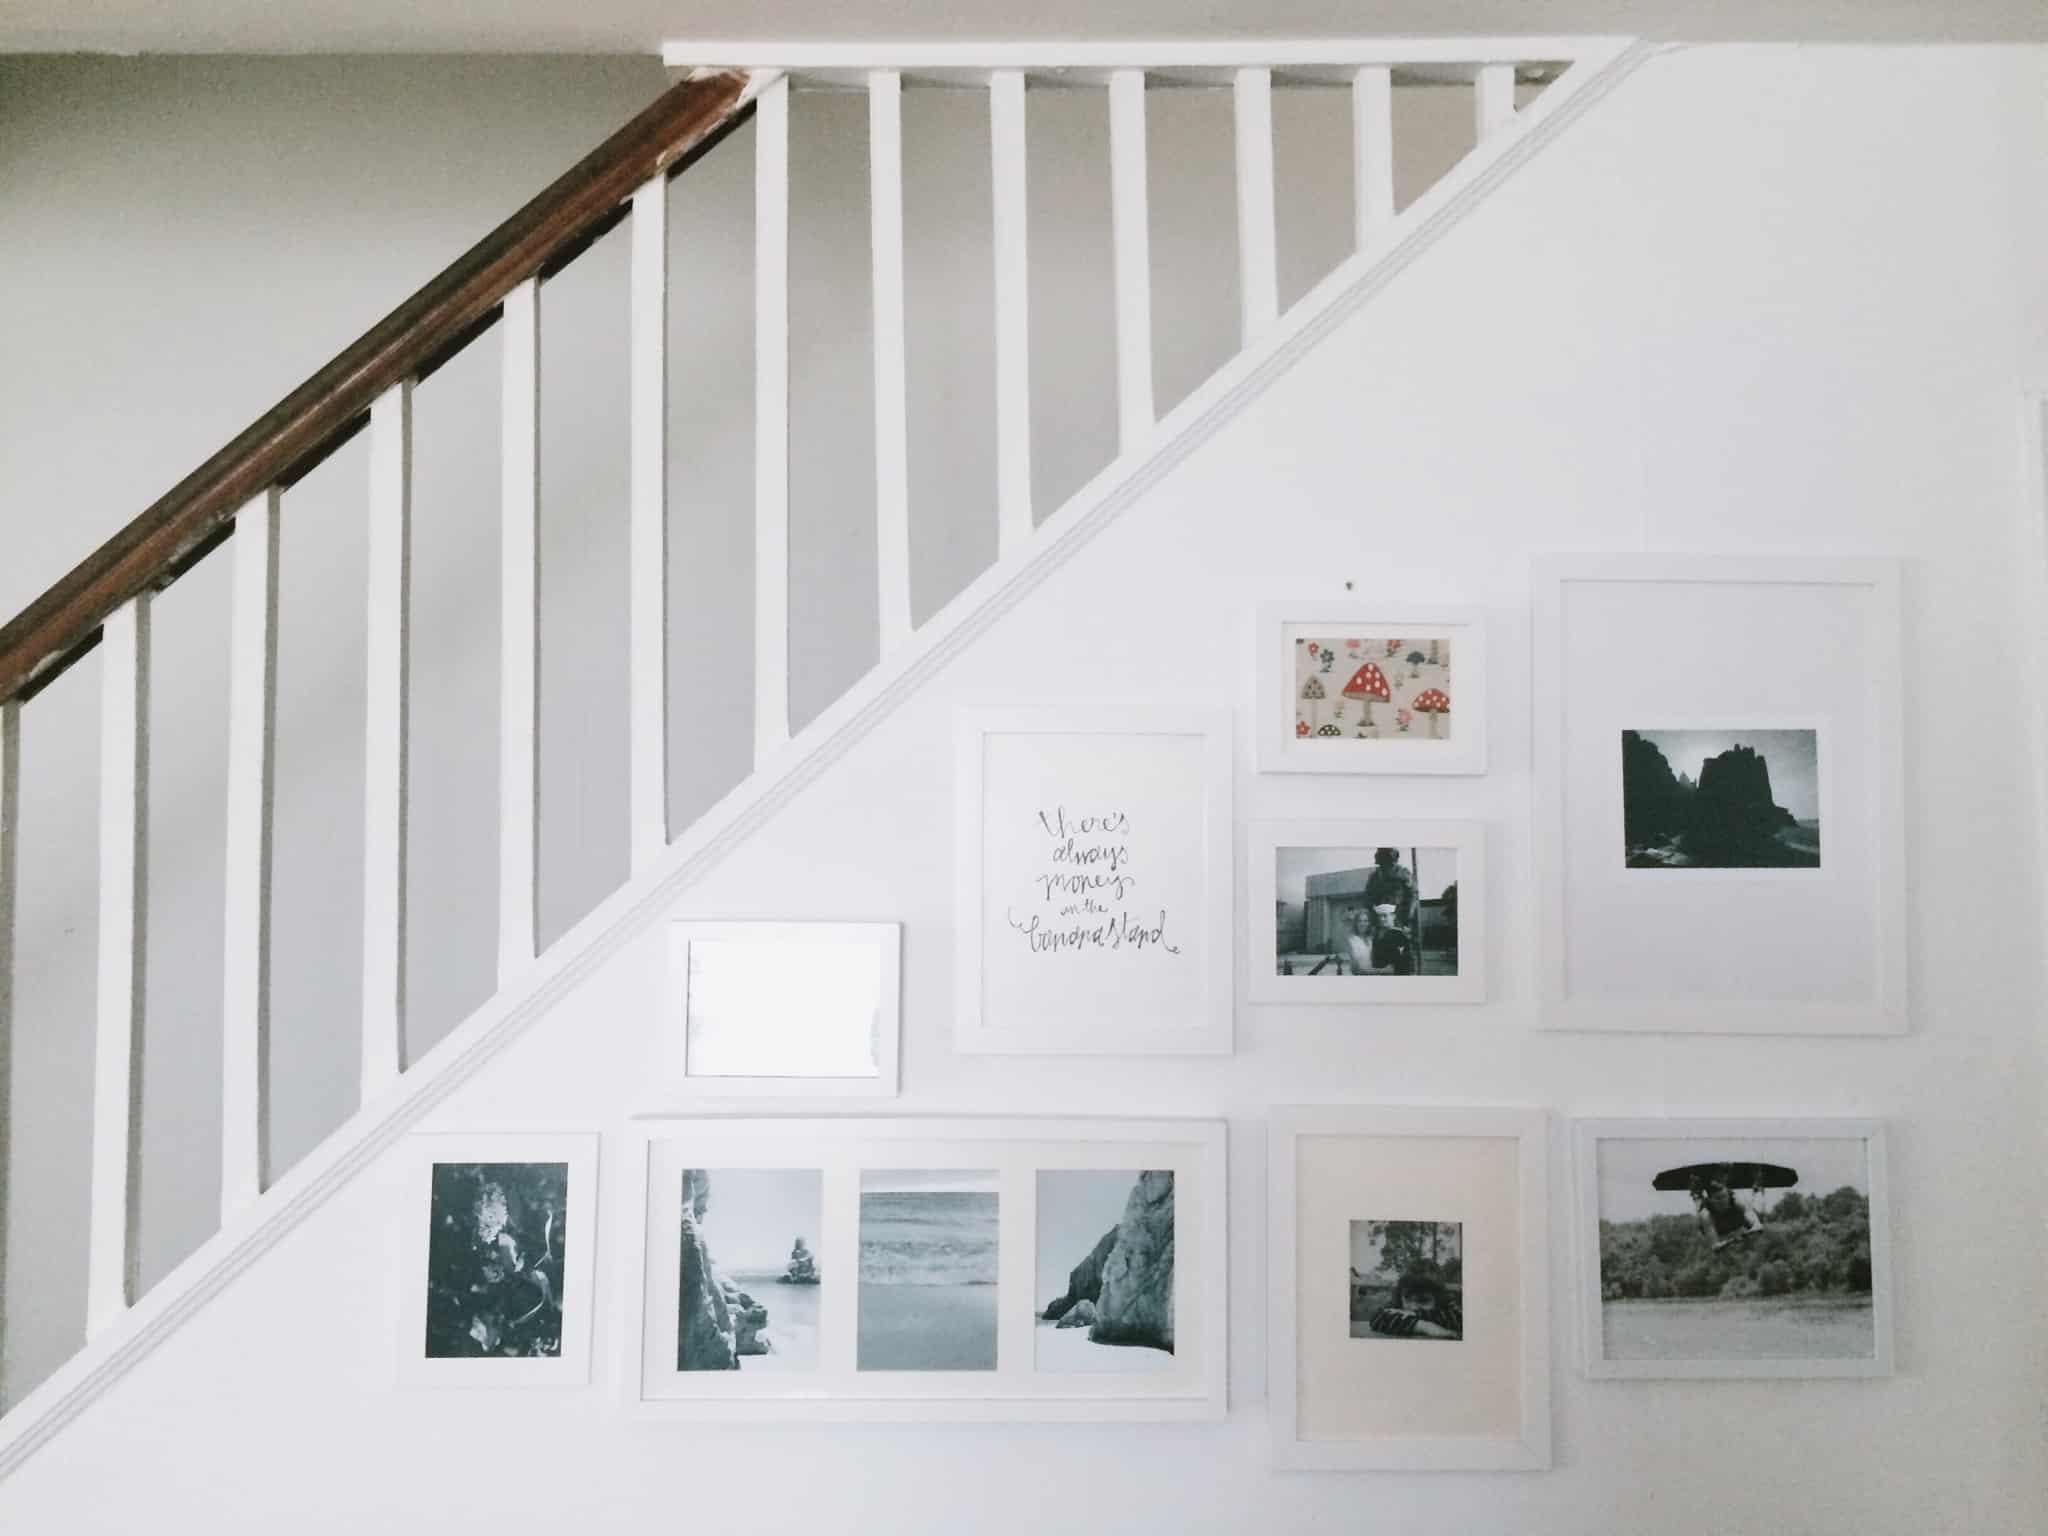 escadas a subir com parede com molduras